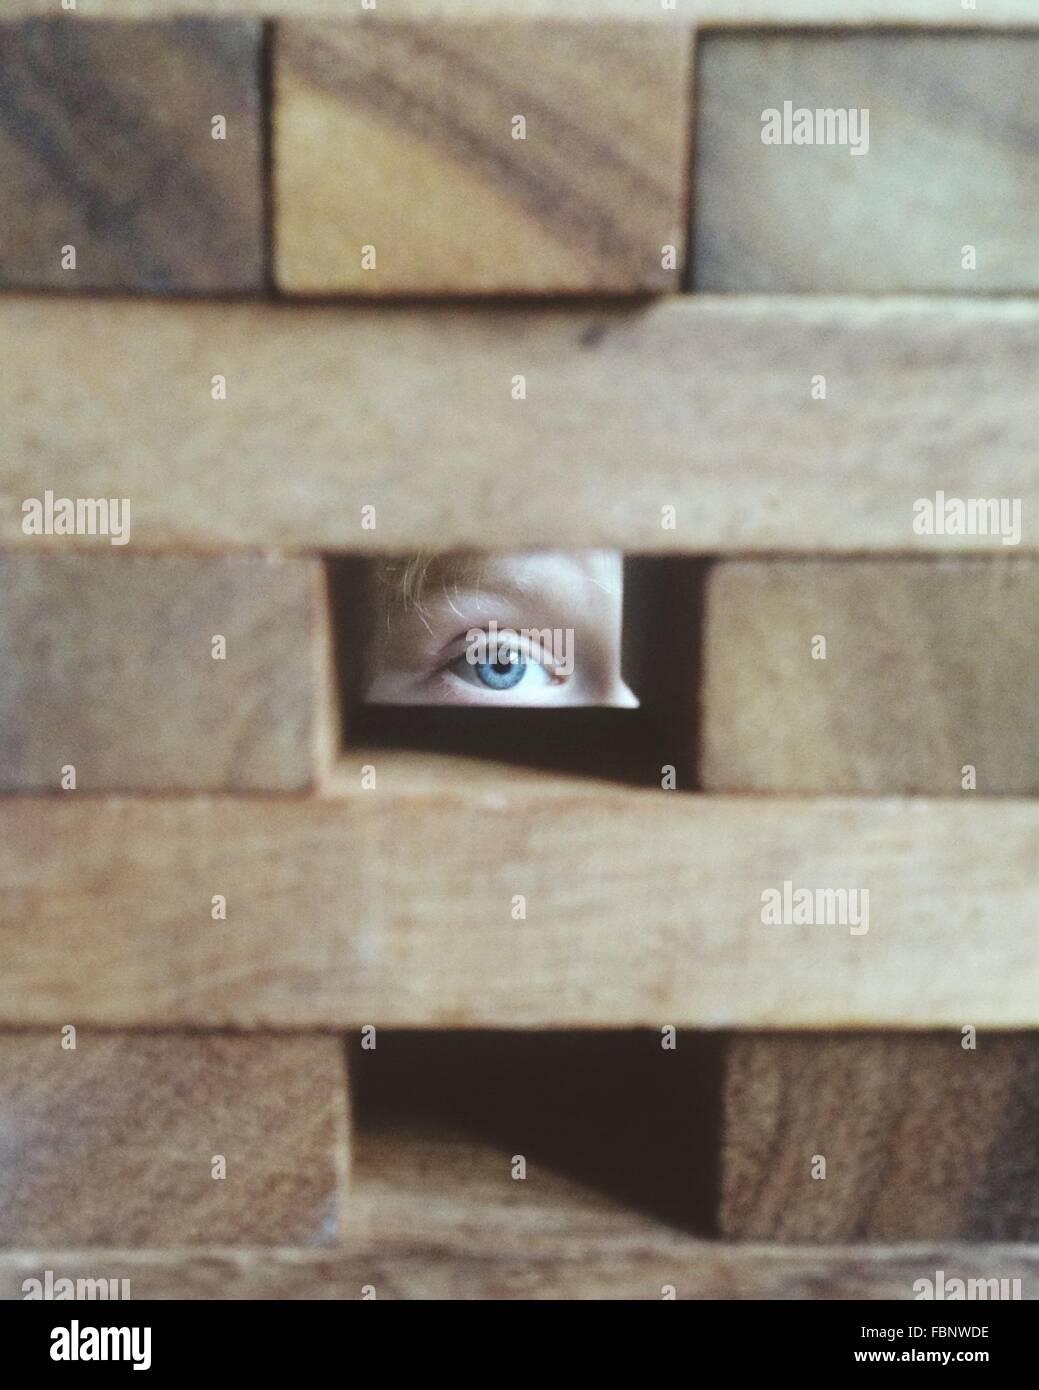 Persona mirando a través del agujero del bloque Imagen De Stock